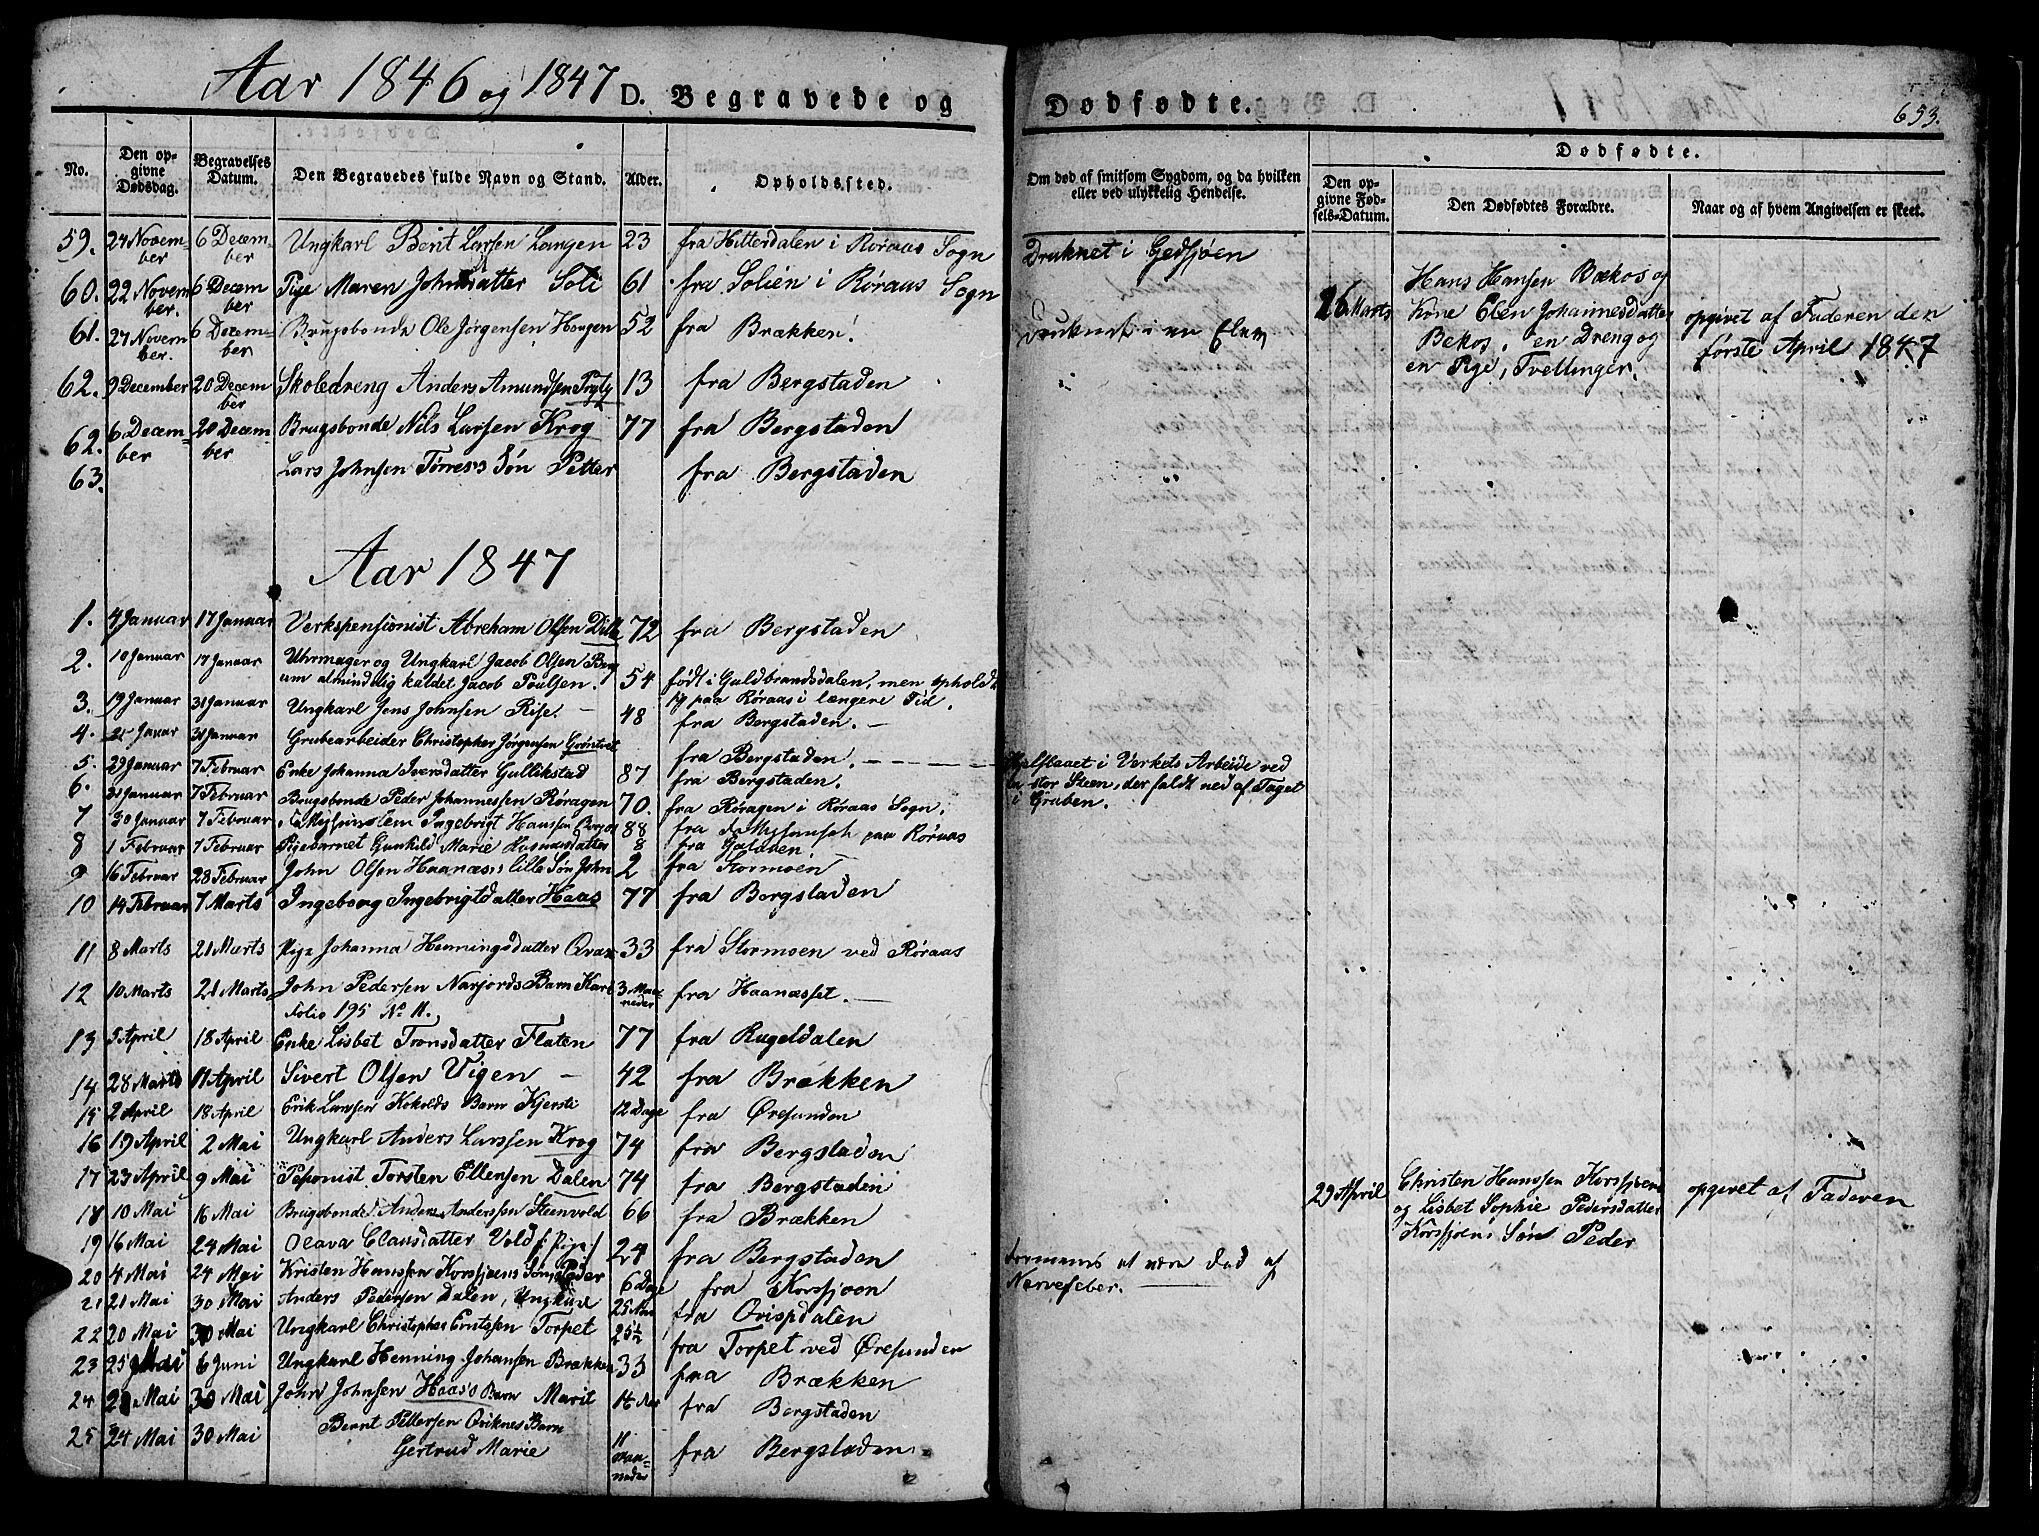 SAT, Ministerialprotokoller, klokkerbøker og fødselsregistre - Sør-Trøndelag, 681/L0939: Klokkerbok nr. 681C03, 1829-1855, s. 653